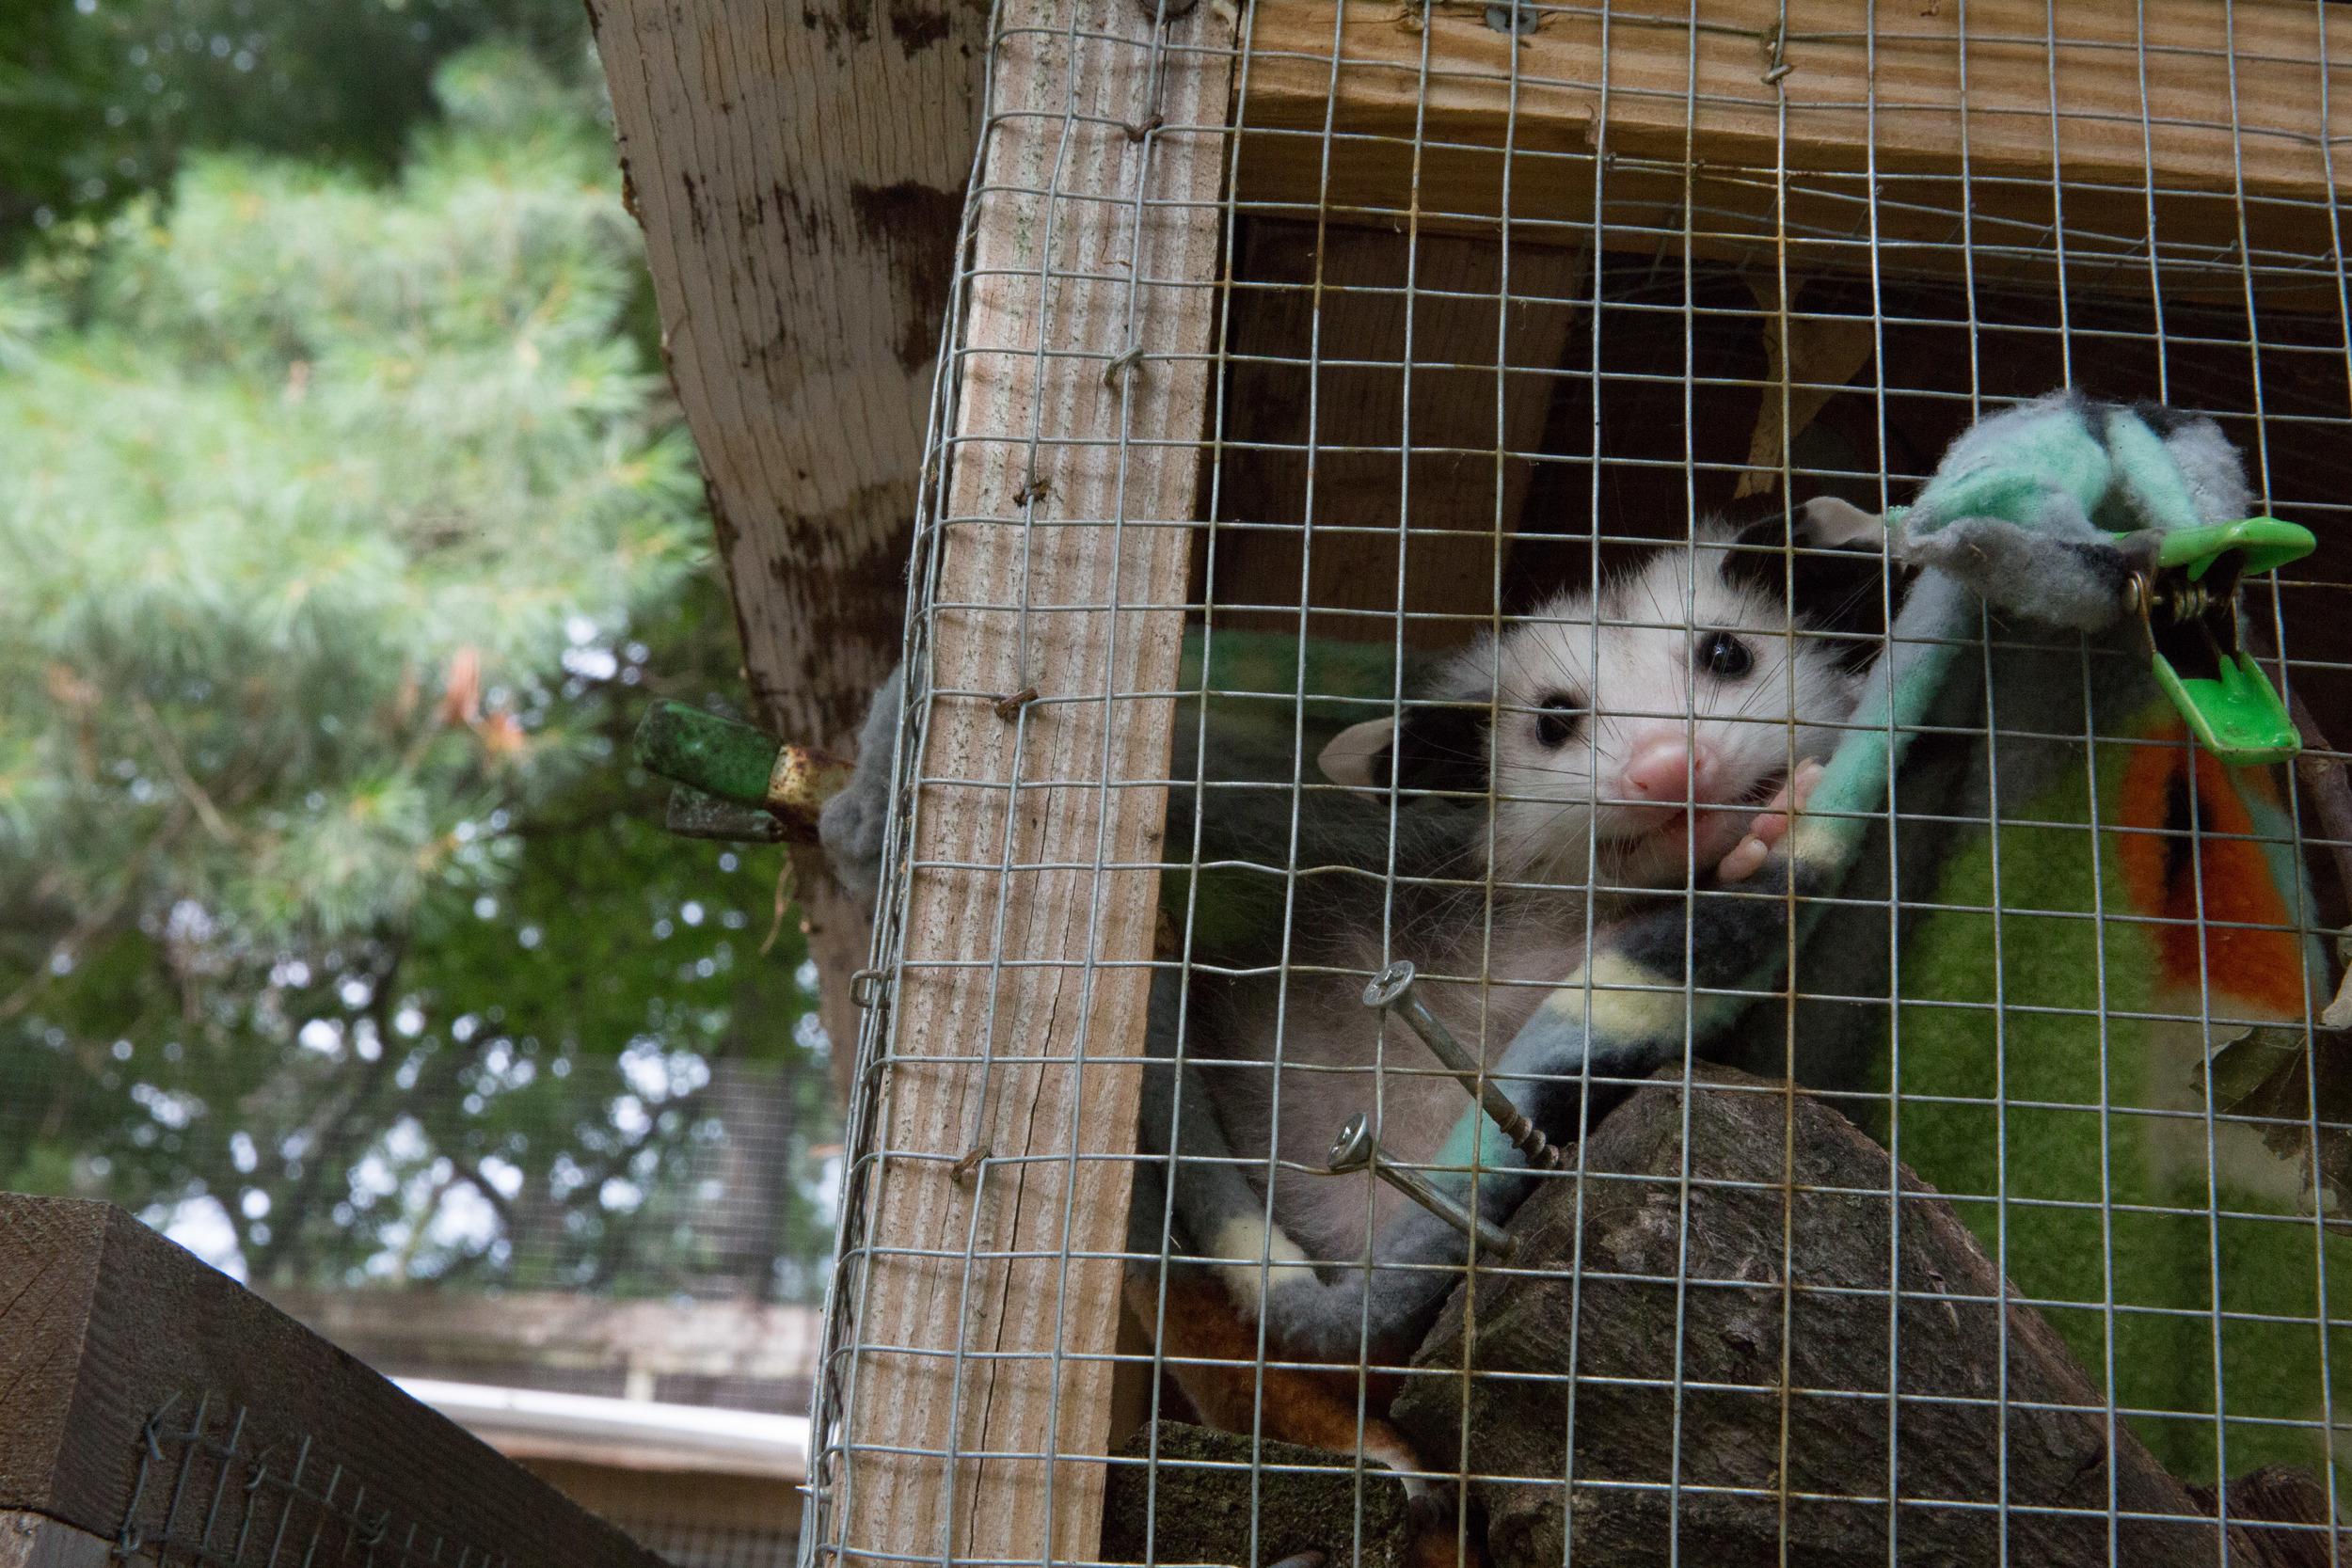 wildlife rehab05.jpg